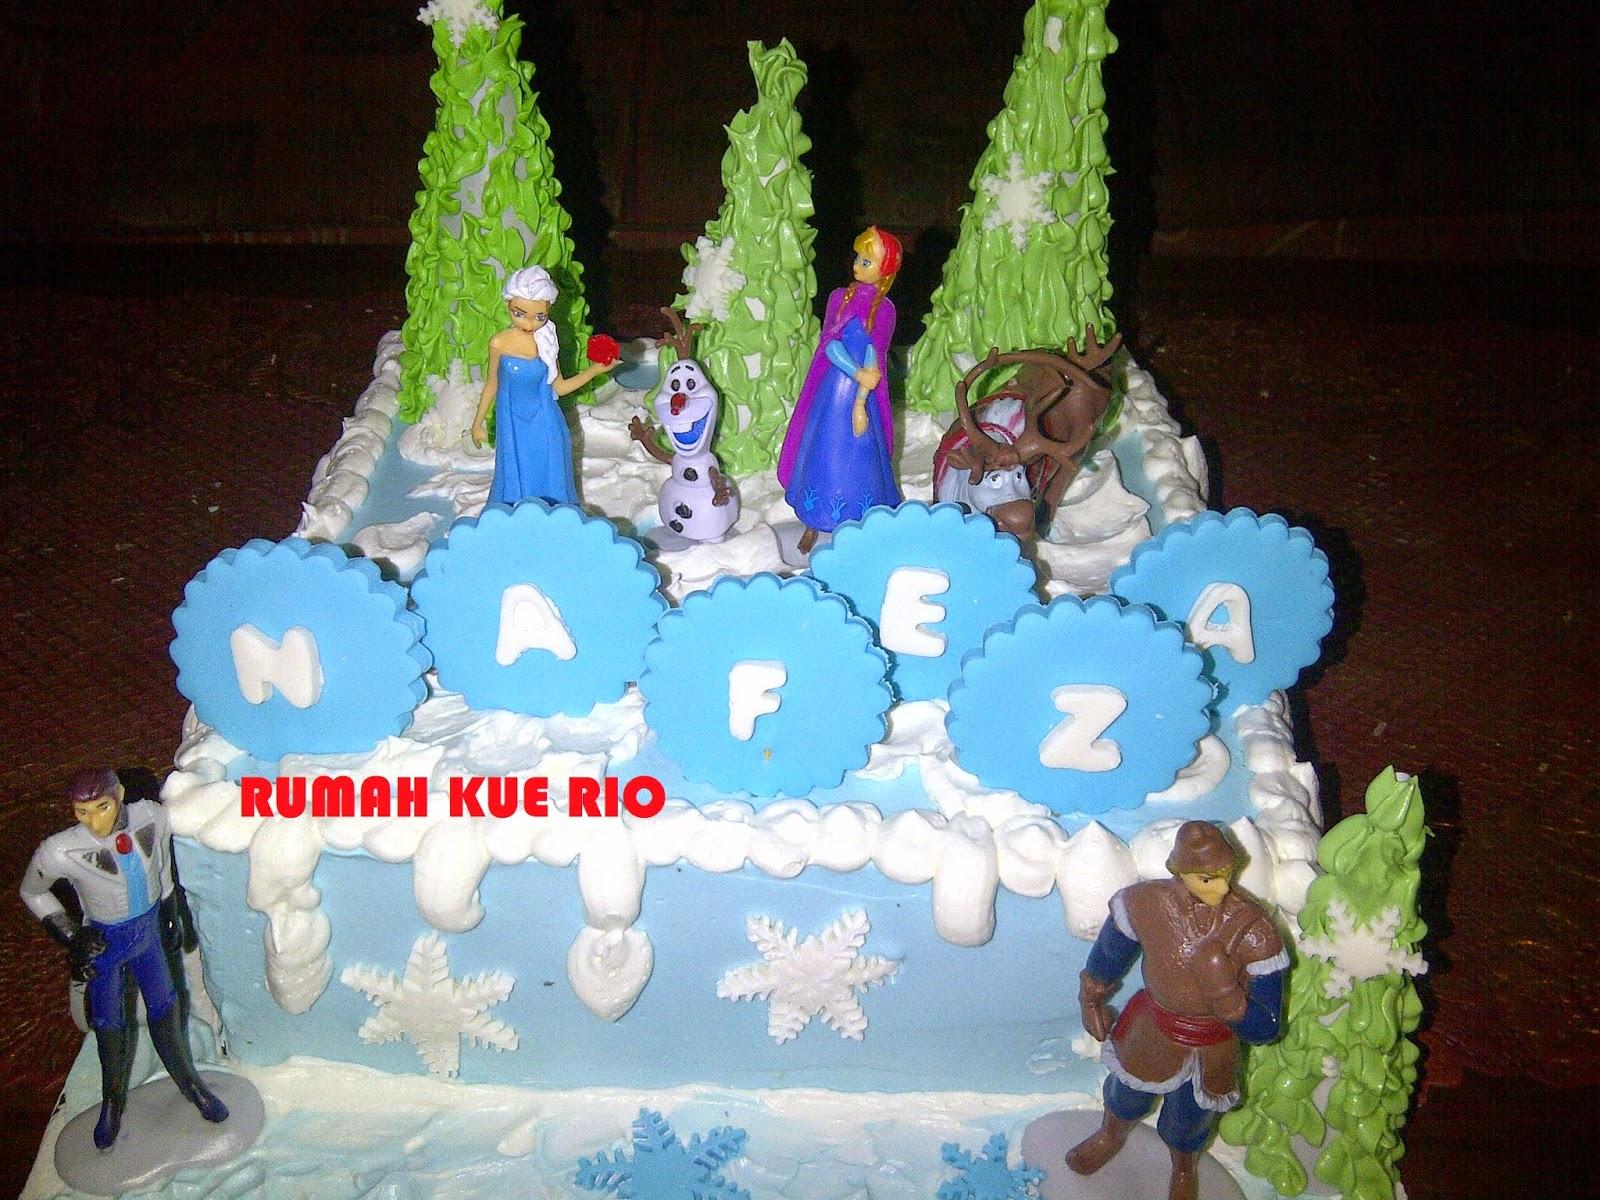 Rumah Kue Rio Aneka Kue Ulang Tahun Black Forest